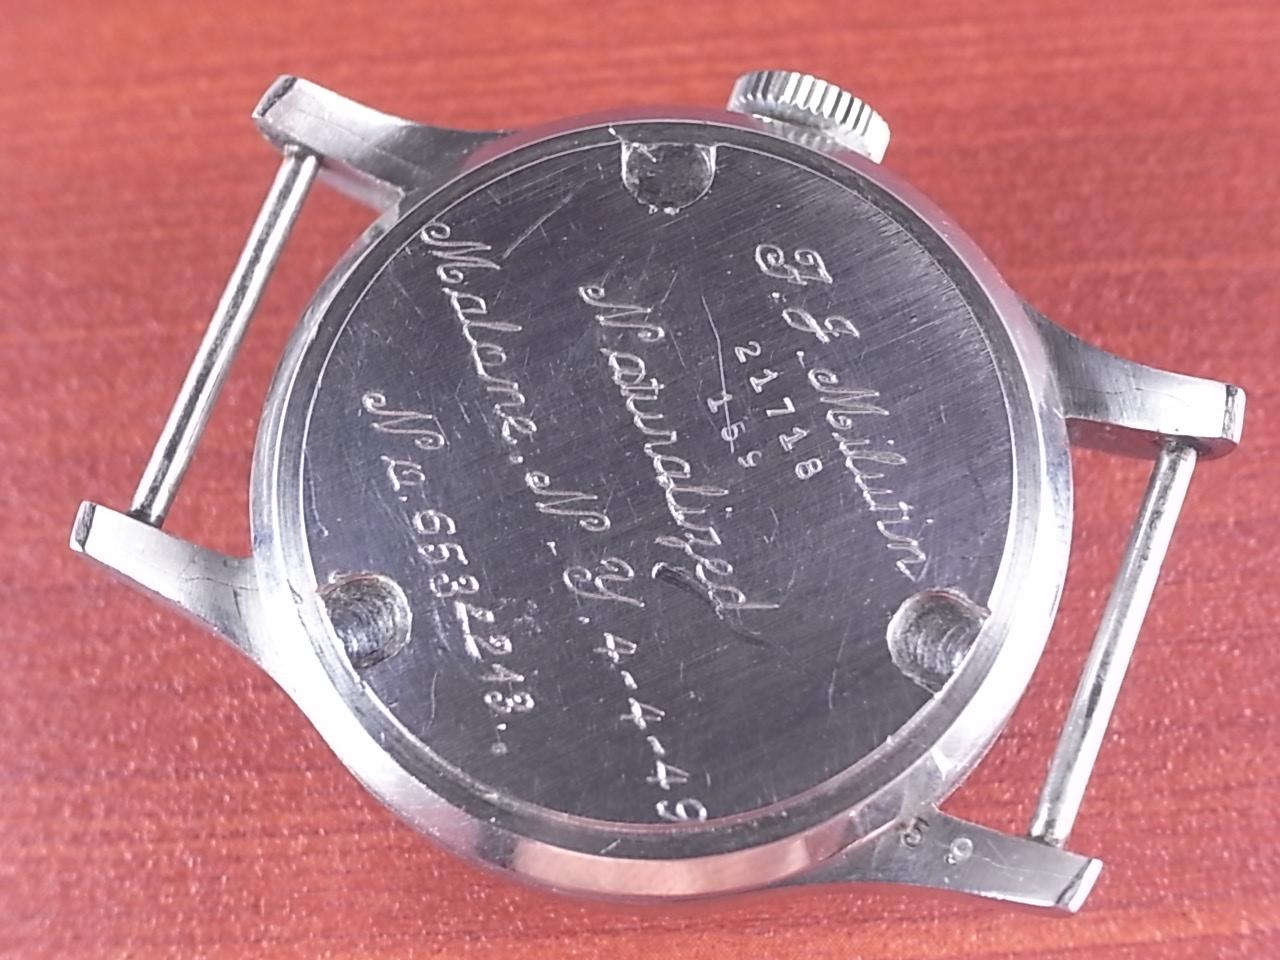 ロンジン ステップベゼル トレタケ キャリバー10.68N 1940年代の写真4枚目